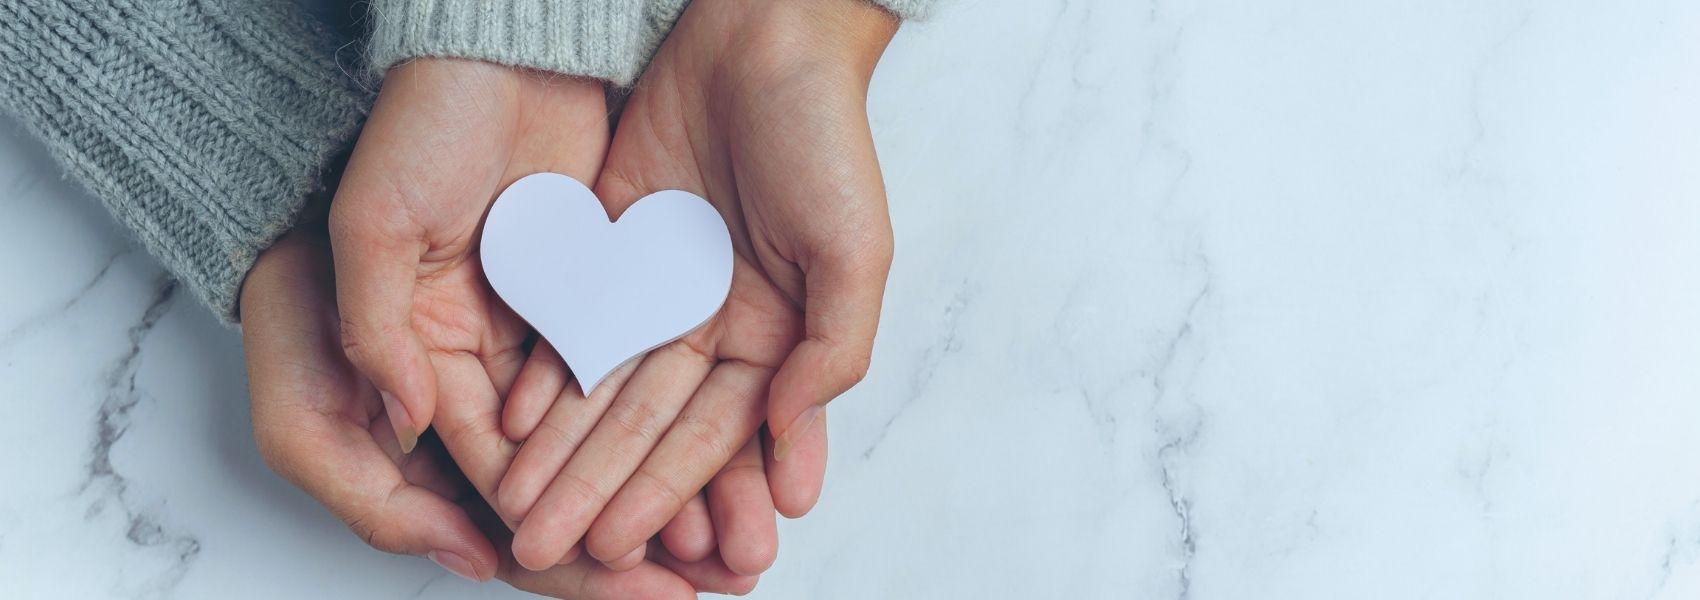 Evitar doenças cardíacas ou AVC: as novas diretrizes